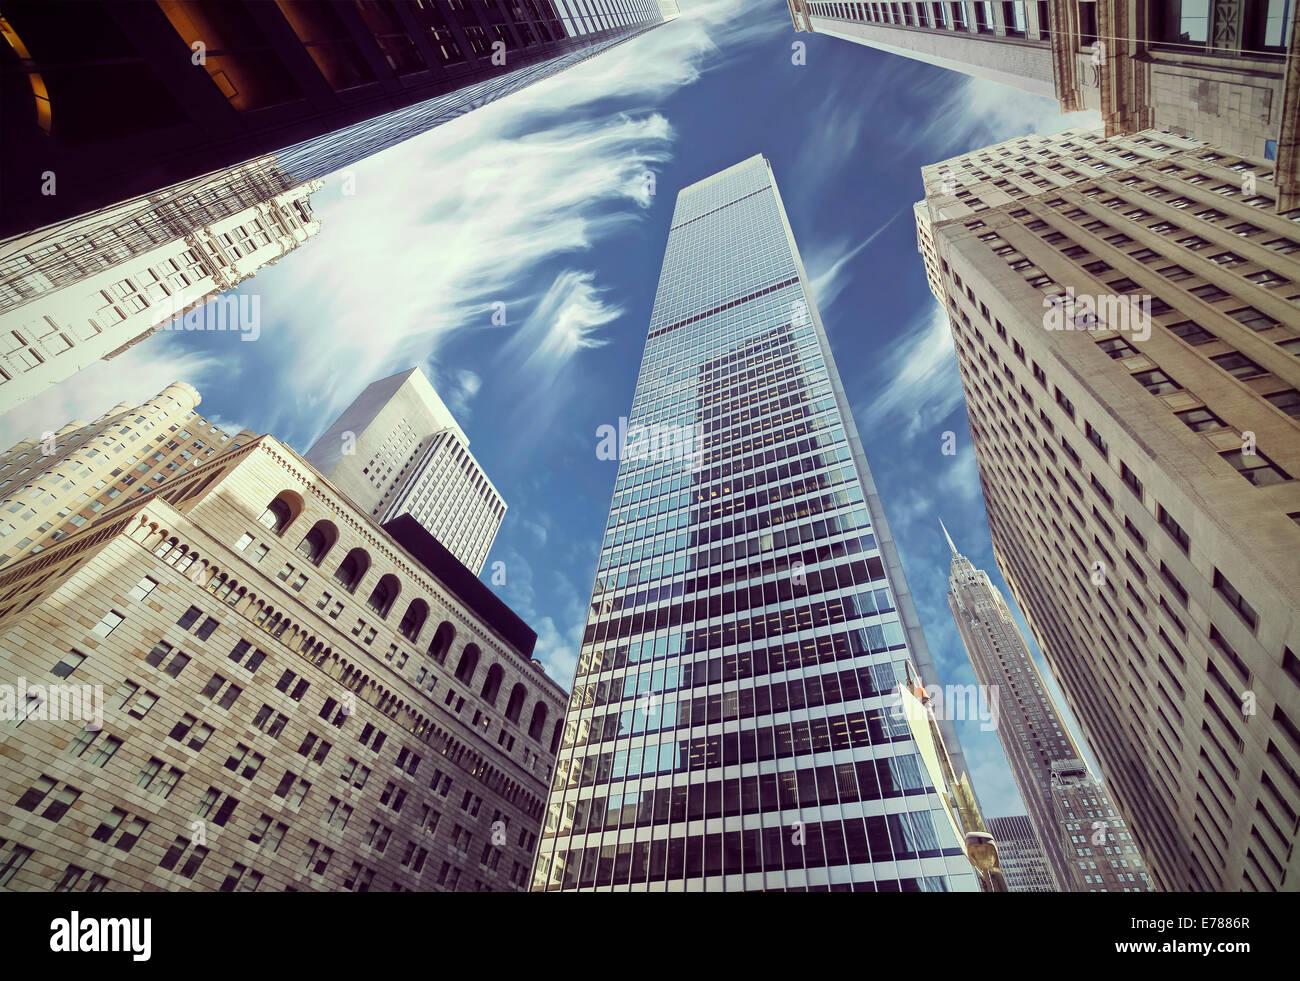 Retro-gefilterte Ansicht von Wolkenkratzern in Lower Manhattan, blickte zu Himmel, New York City. Stockbild